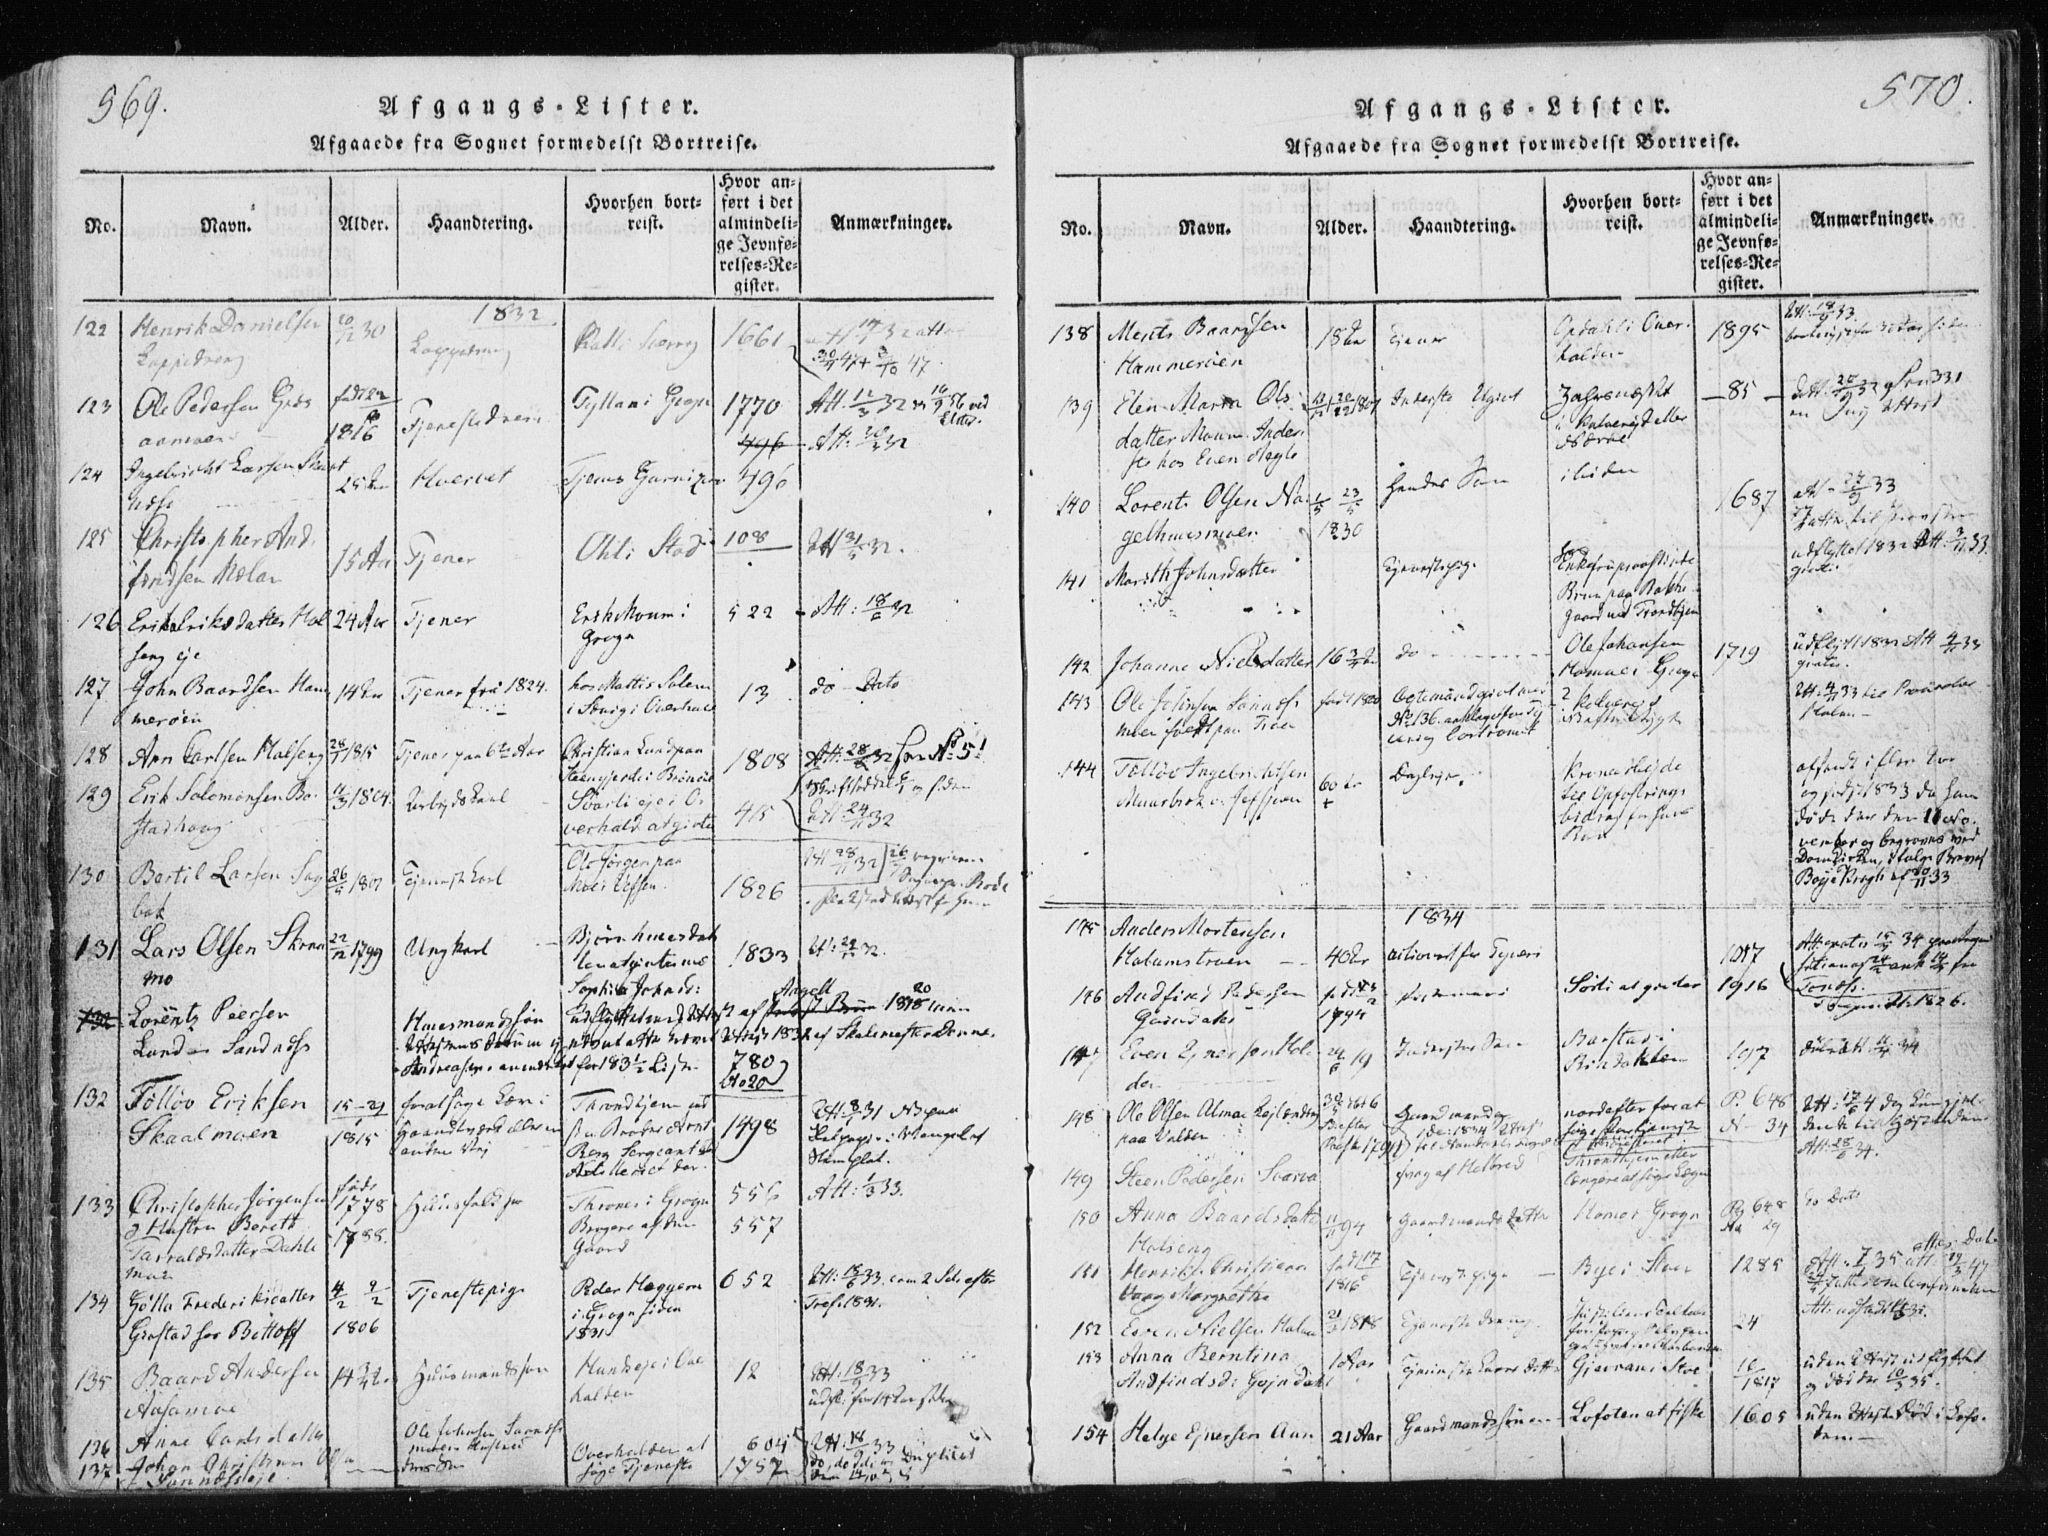 SAT, Ministerialprotokoller, klokkerbøker og fødselsregistre - Nord-Trøndelag, 749/L0469: Ministerialbok nr. 749A03, 1817-1857, s. 569-570